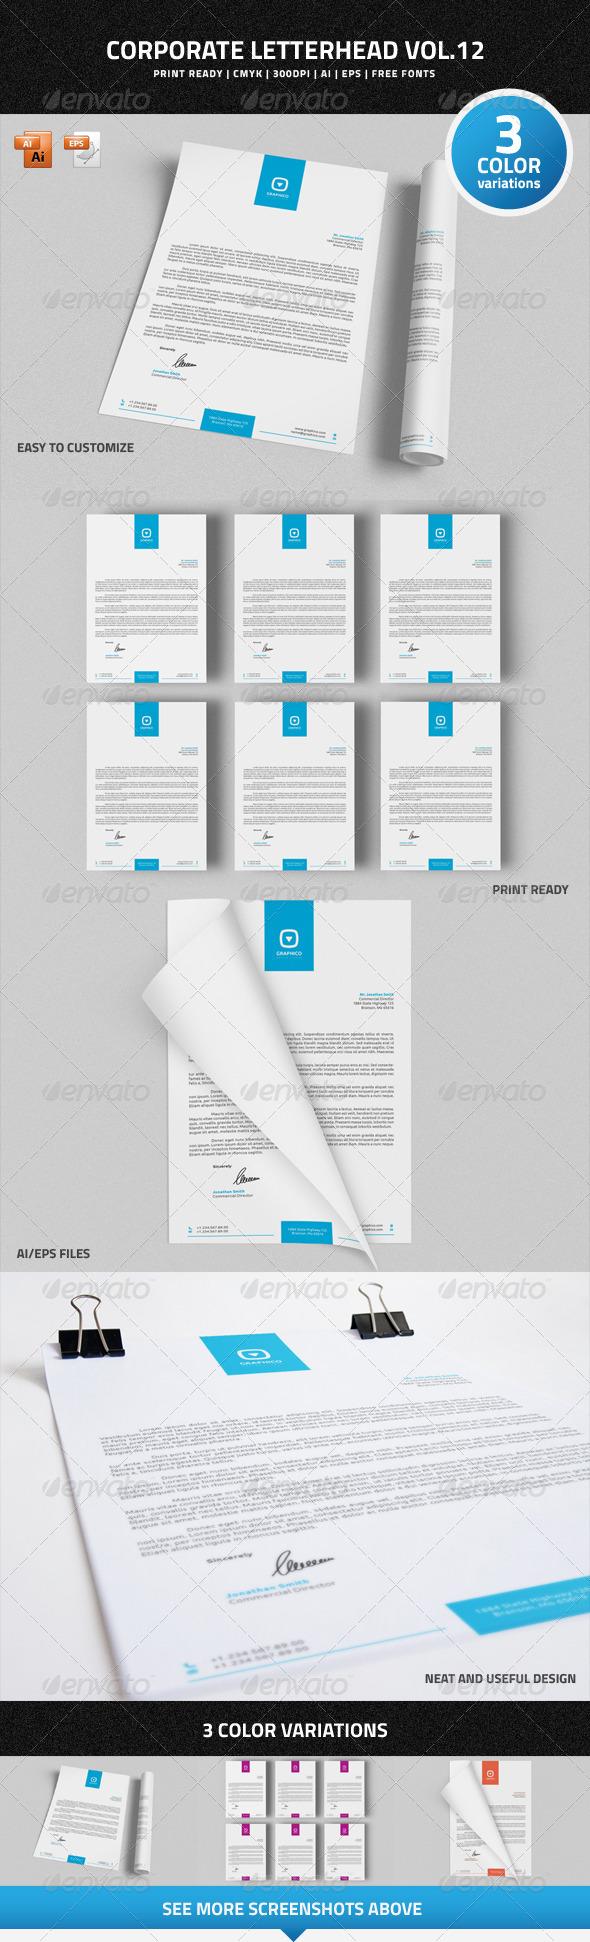 GraphicRiver Corporate Letterhead Vol.12 7512254